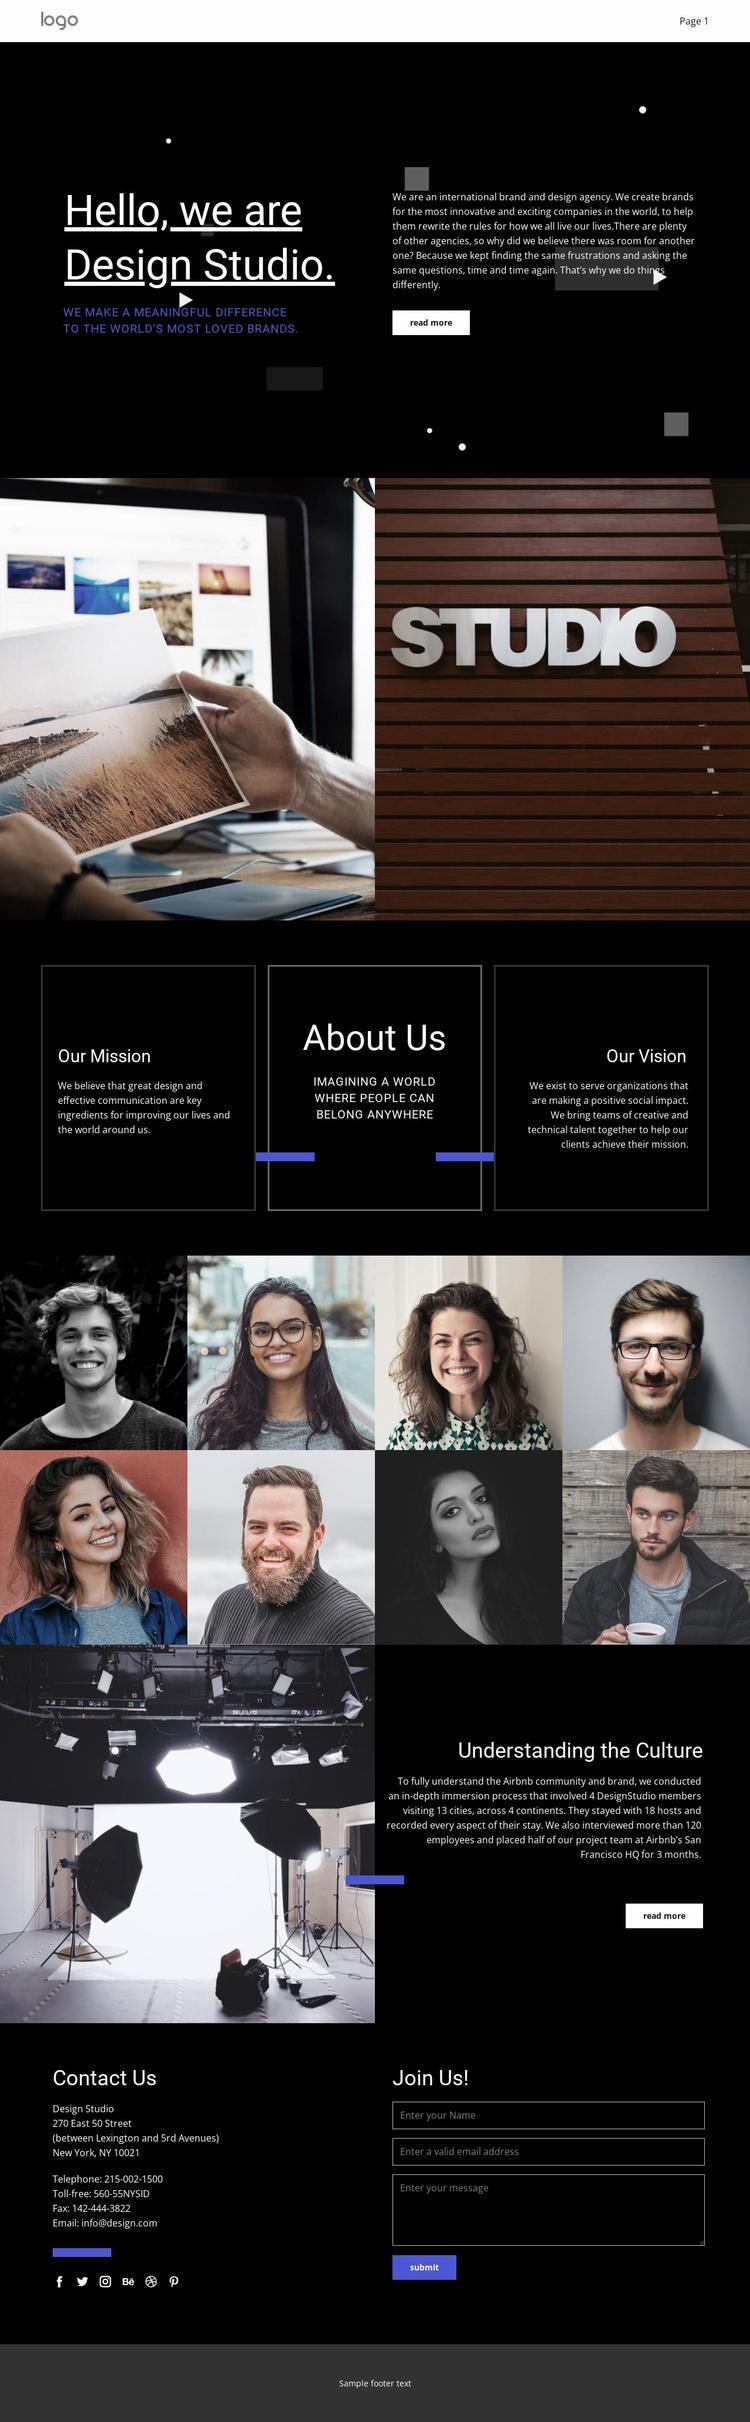 Our design is unique Website Design